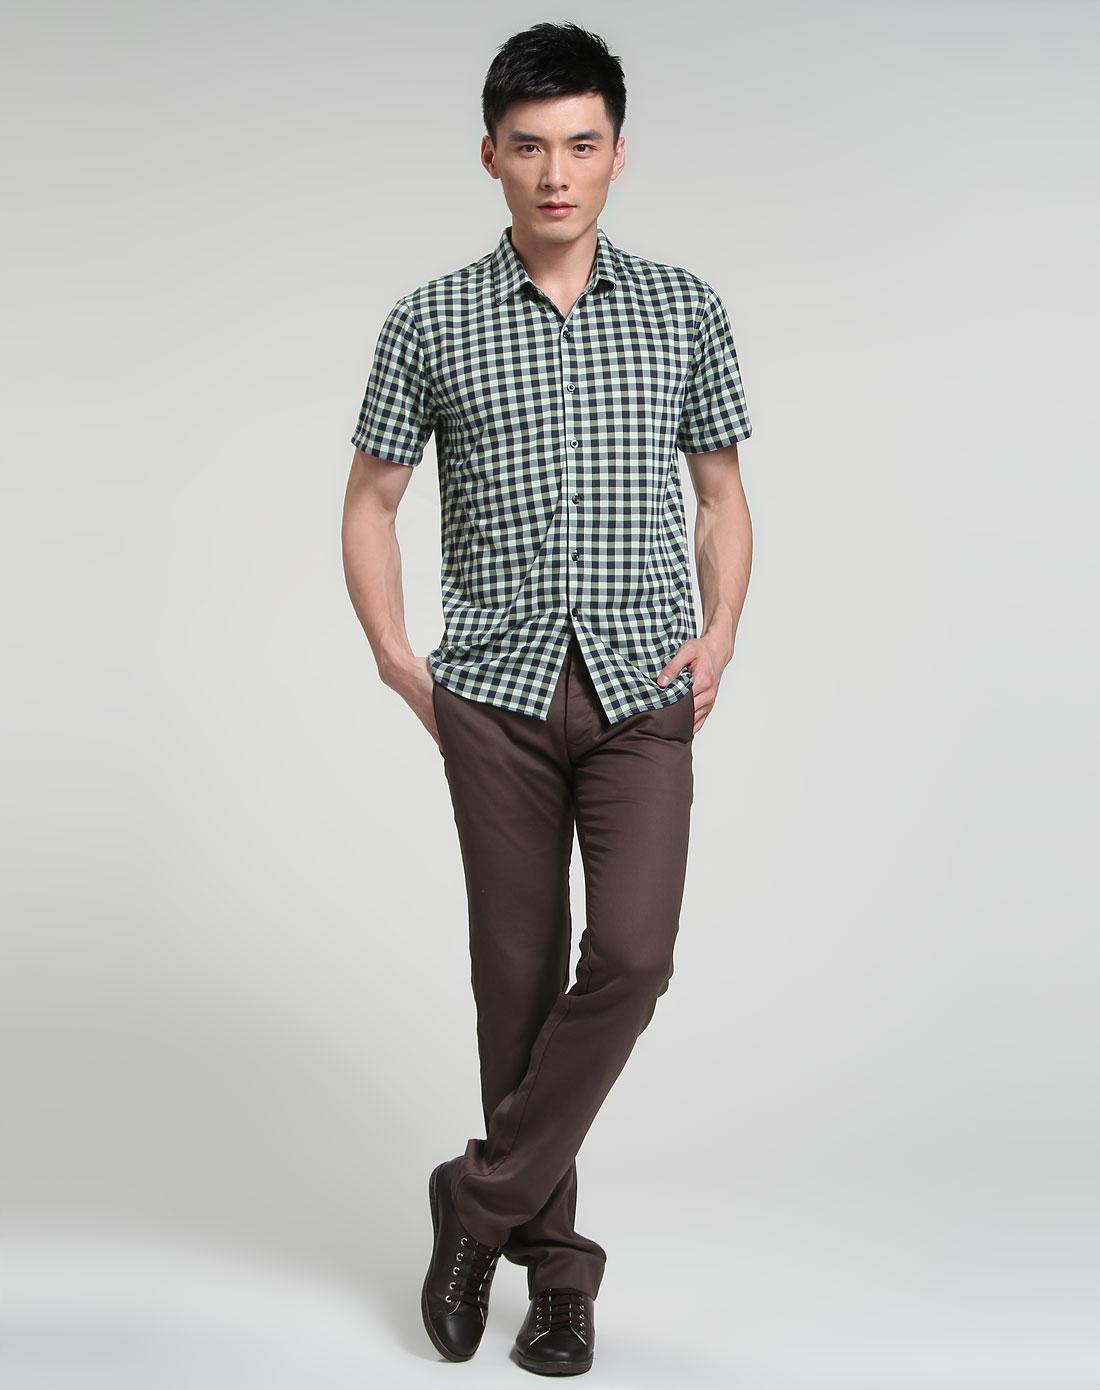 帕丝特pstl男装专场 > 绿色时尚格仔短袖衬衫